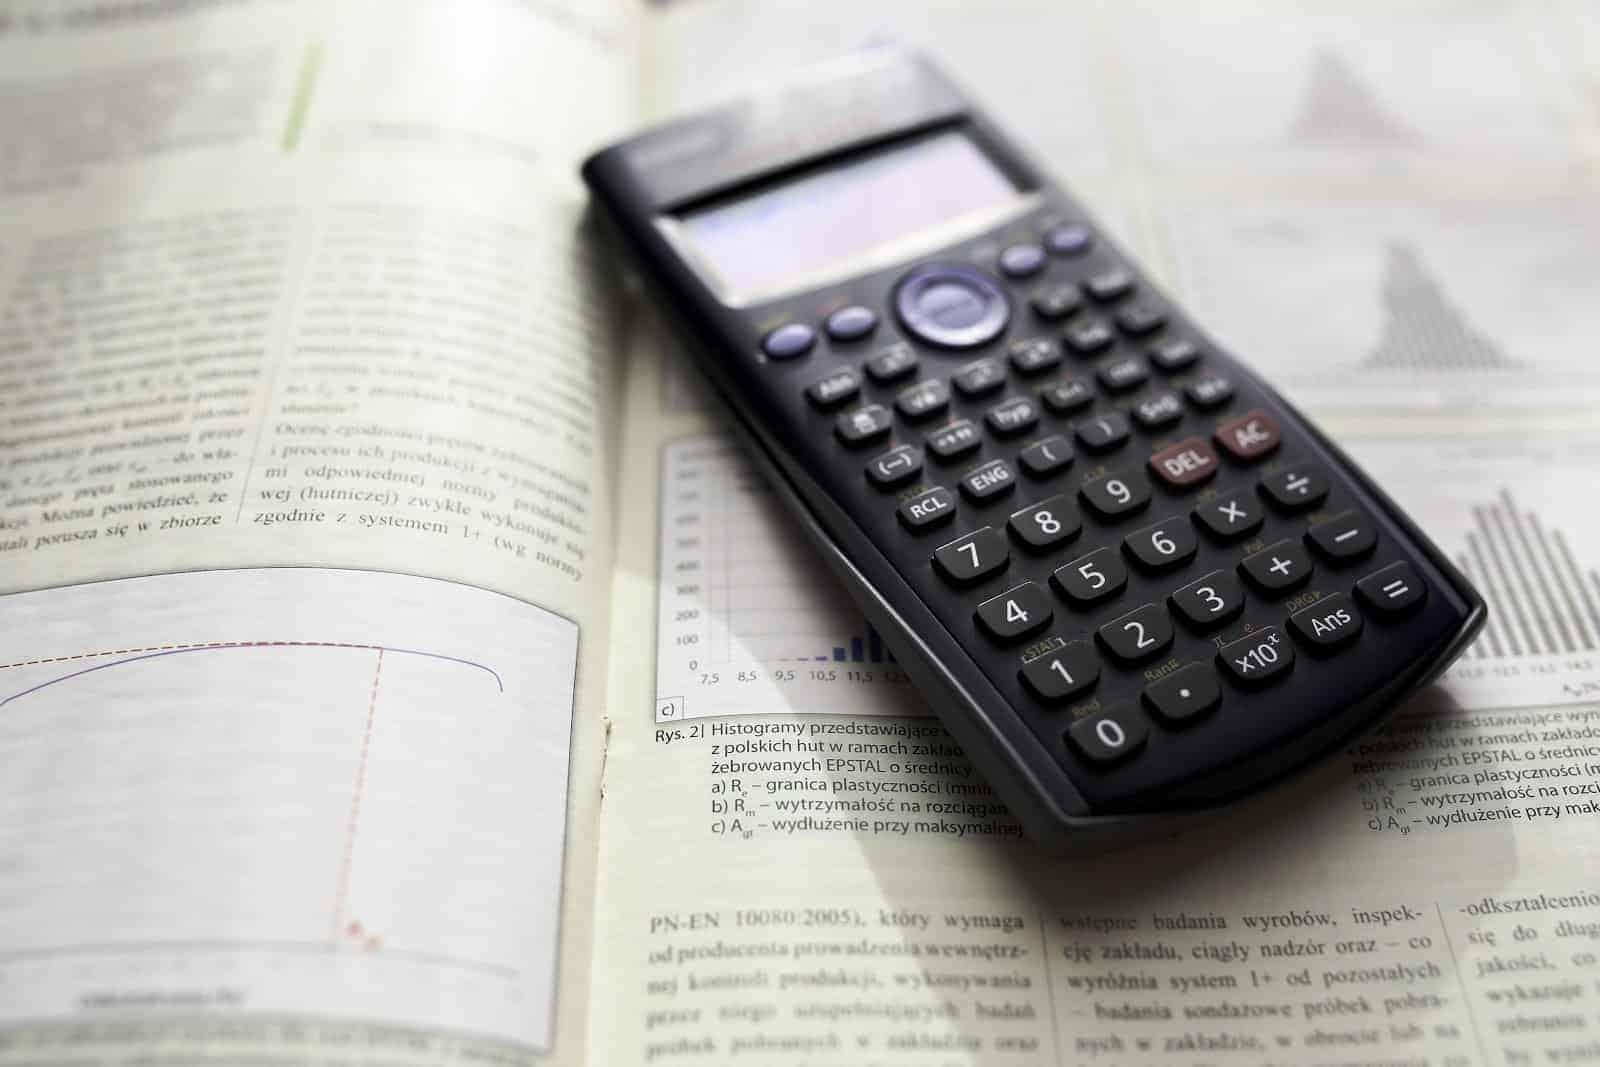 7dd51949-242e-44b0-b2a5-e5e189fbd84b_calculator-scientific-9233401